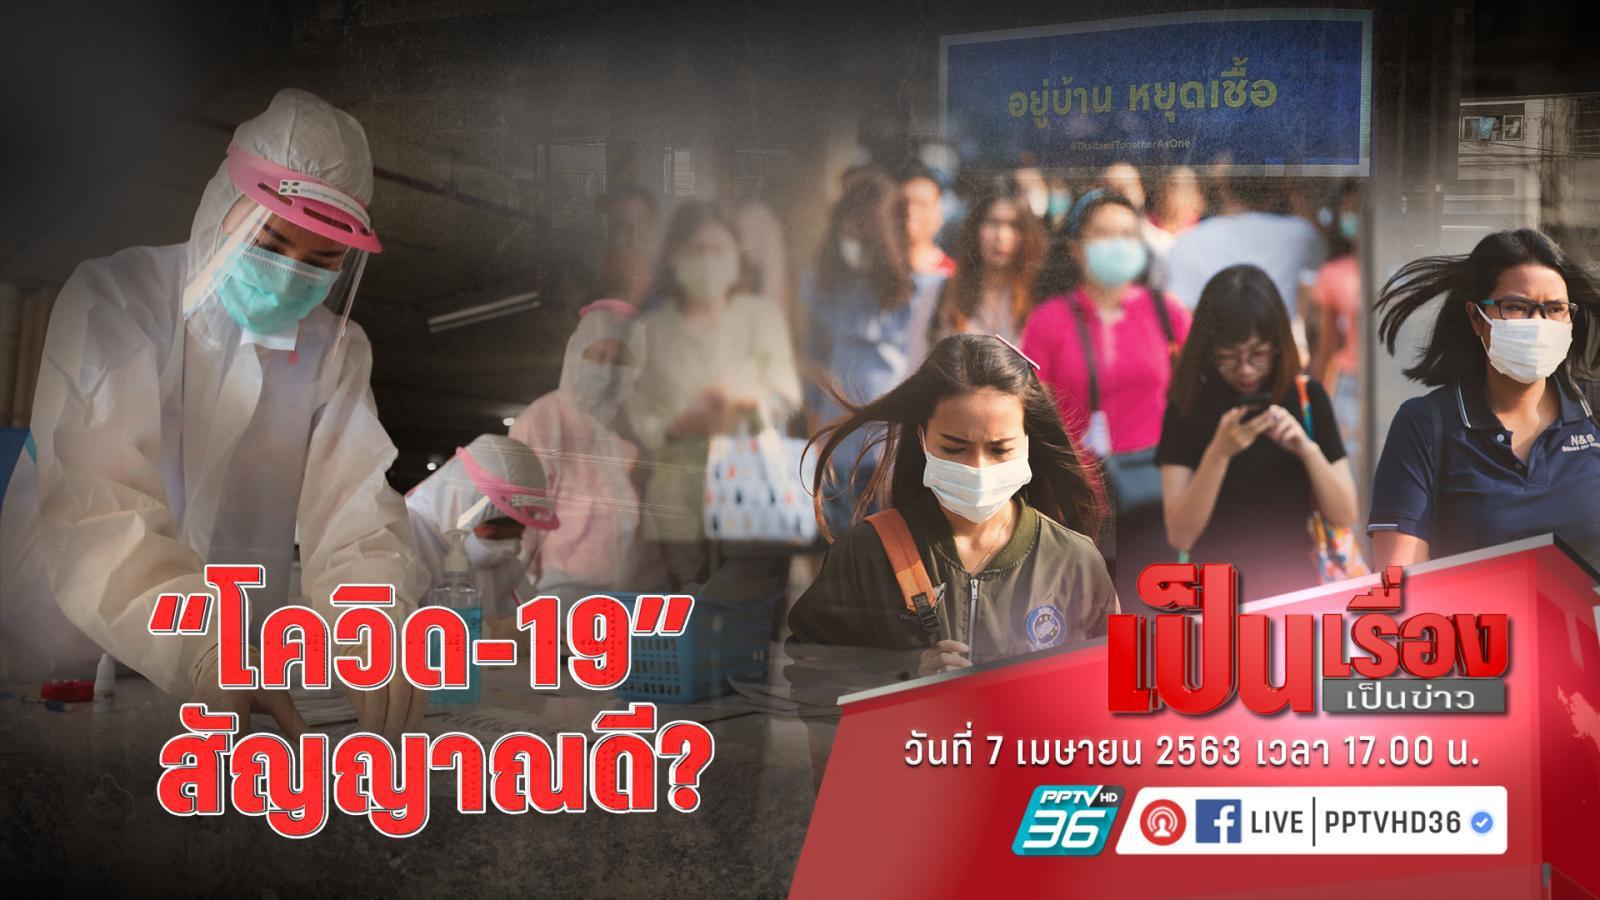 แพทย์ เผยสถานการณ์โควิด-19ในไทยดีขึ้นเล็กน้อย แต่ยังต้องเฝ้าระวัง